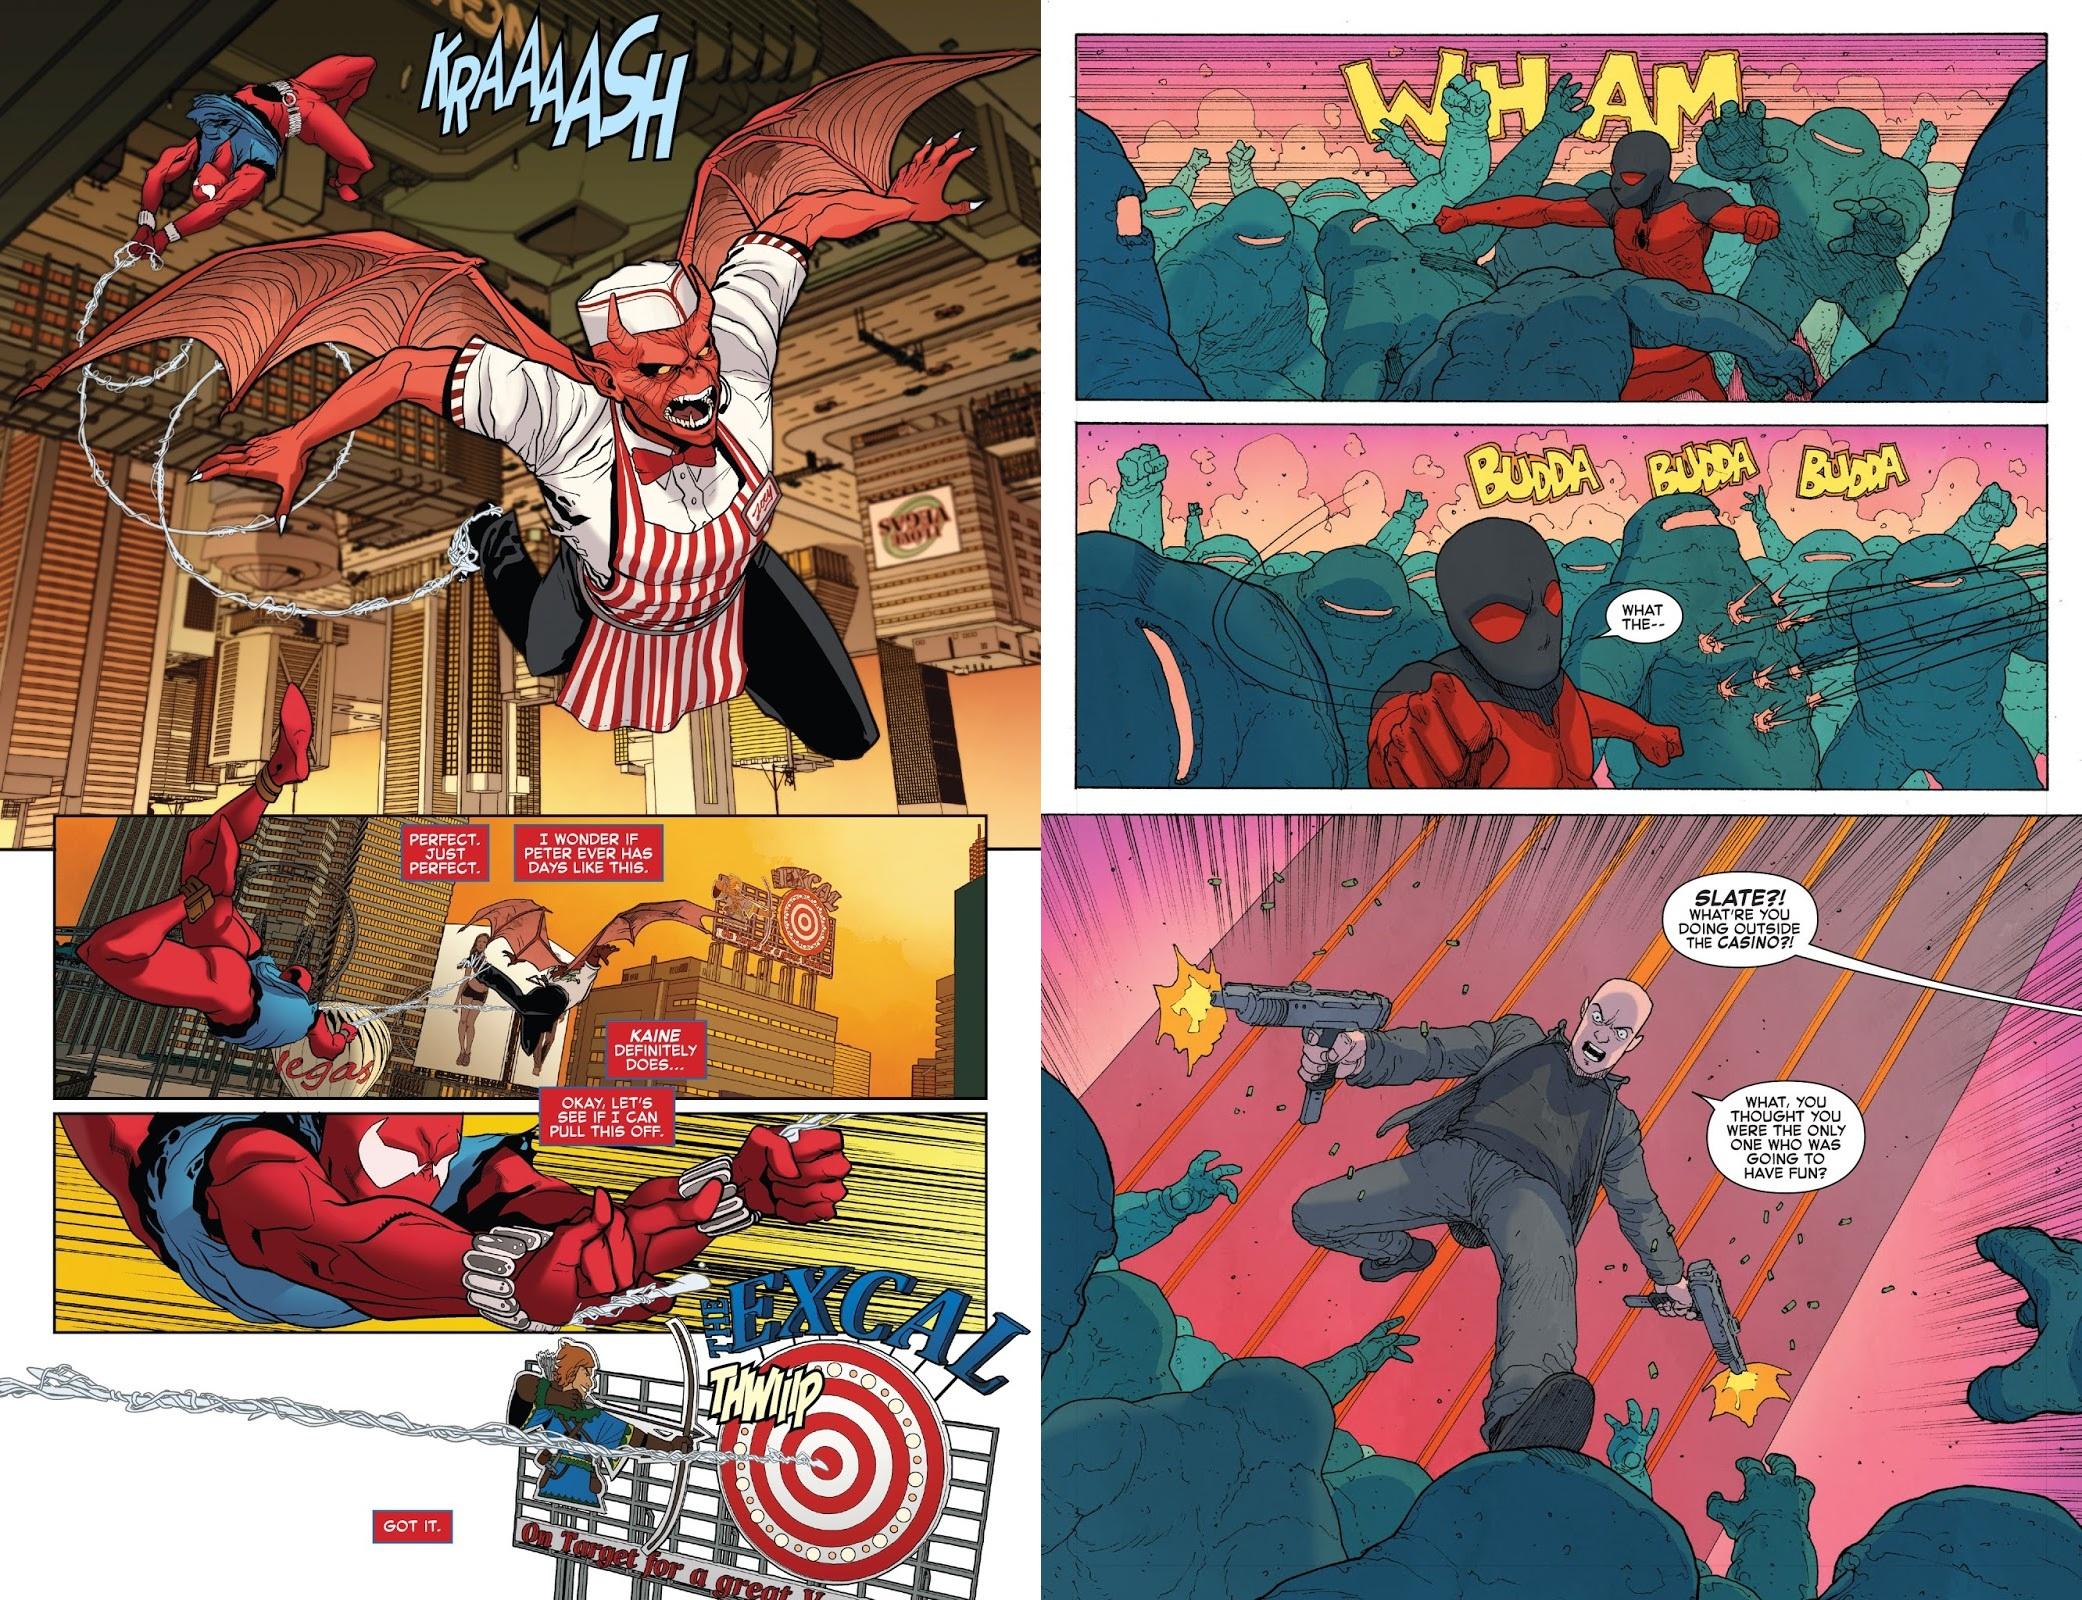 Ben Reilly, Scarlet Spider Damnation review